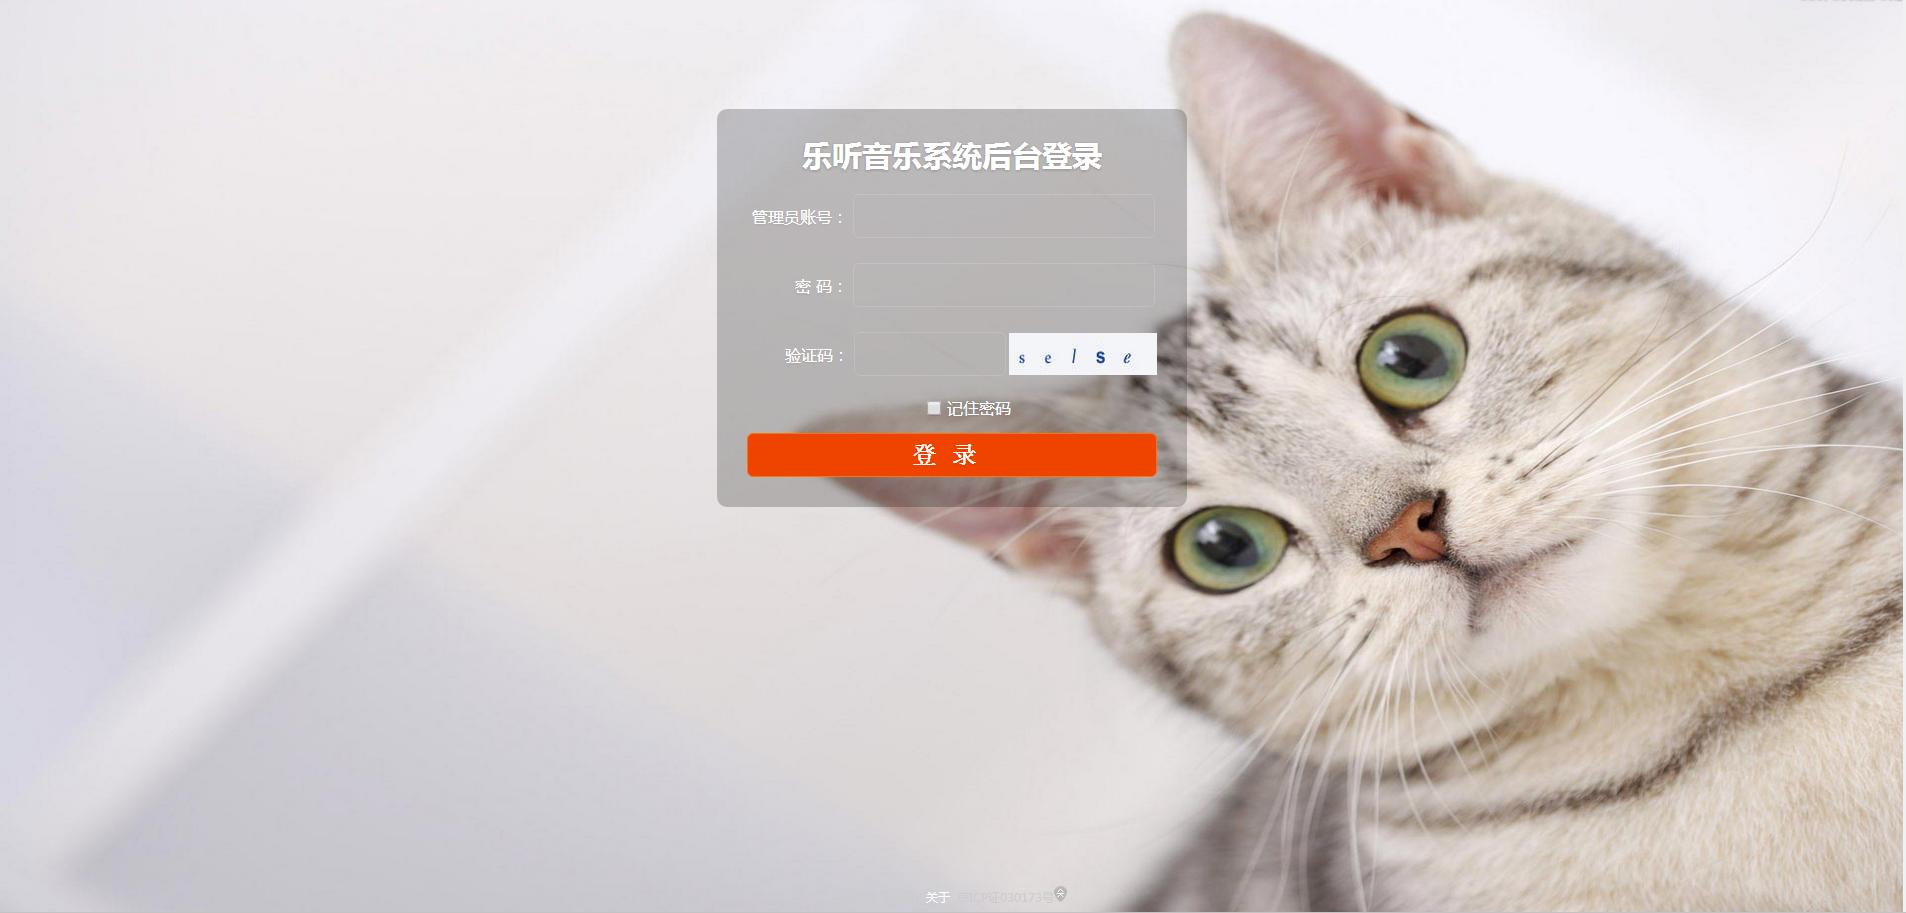 漂亮的网站后台登录界面模板下载html源码